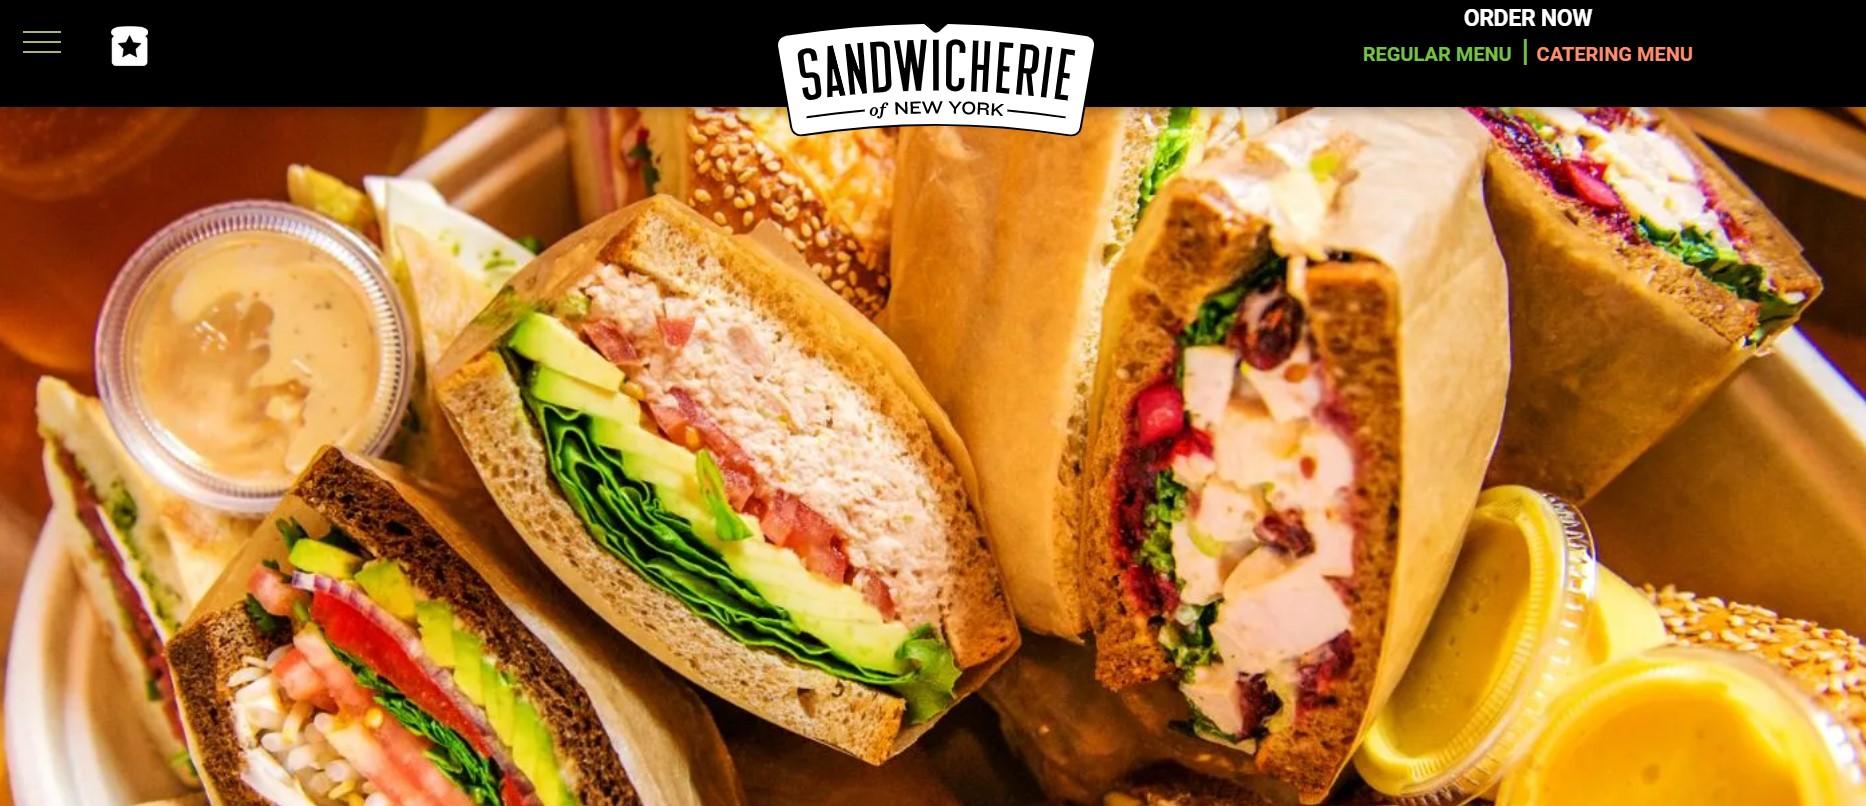 sandwicherie sandwich shop in new york